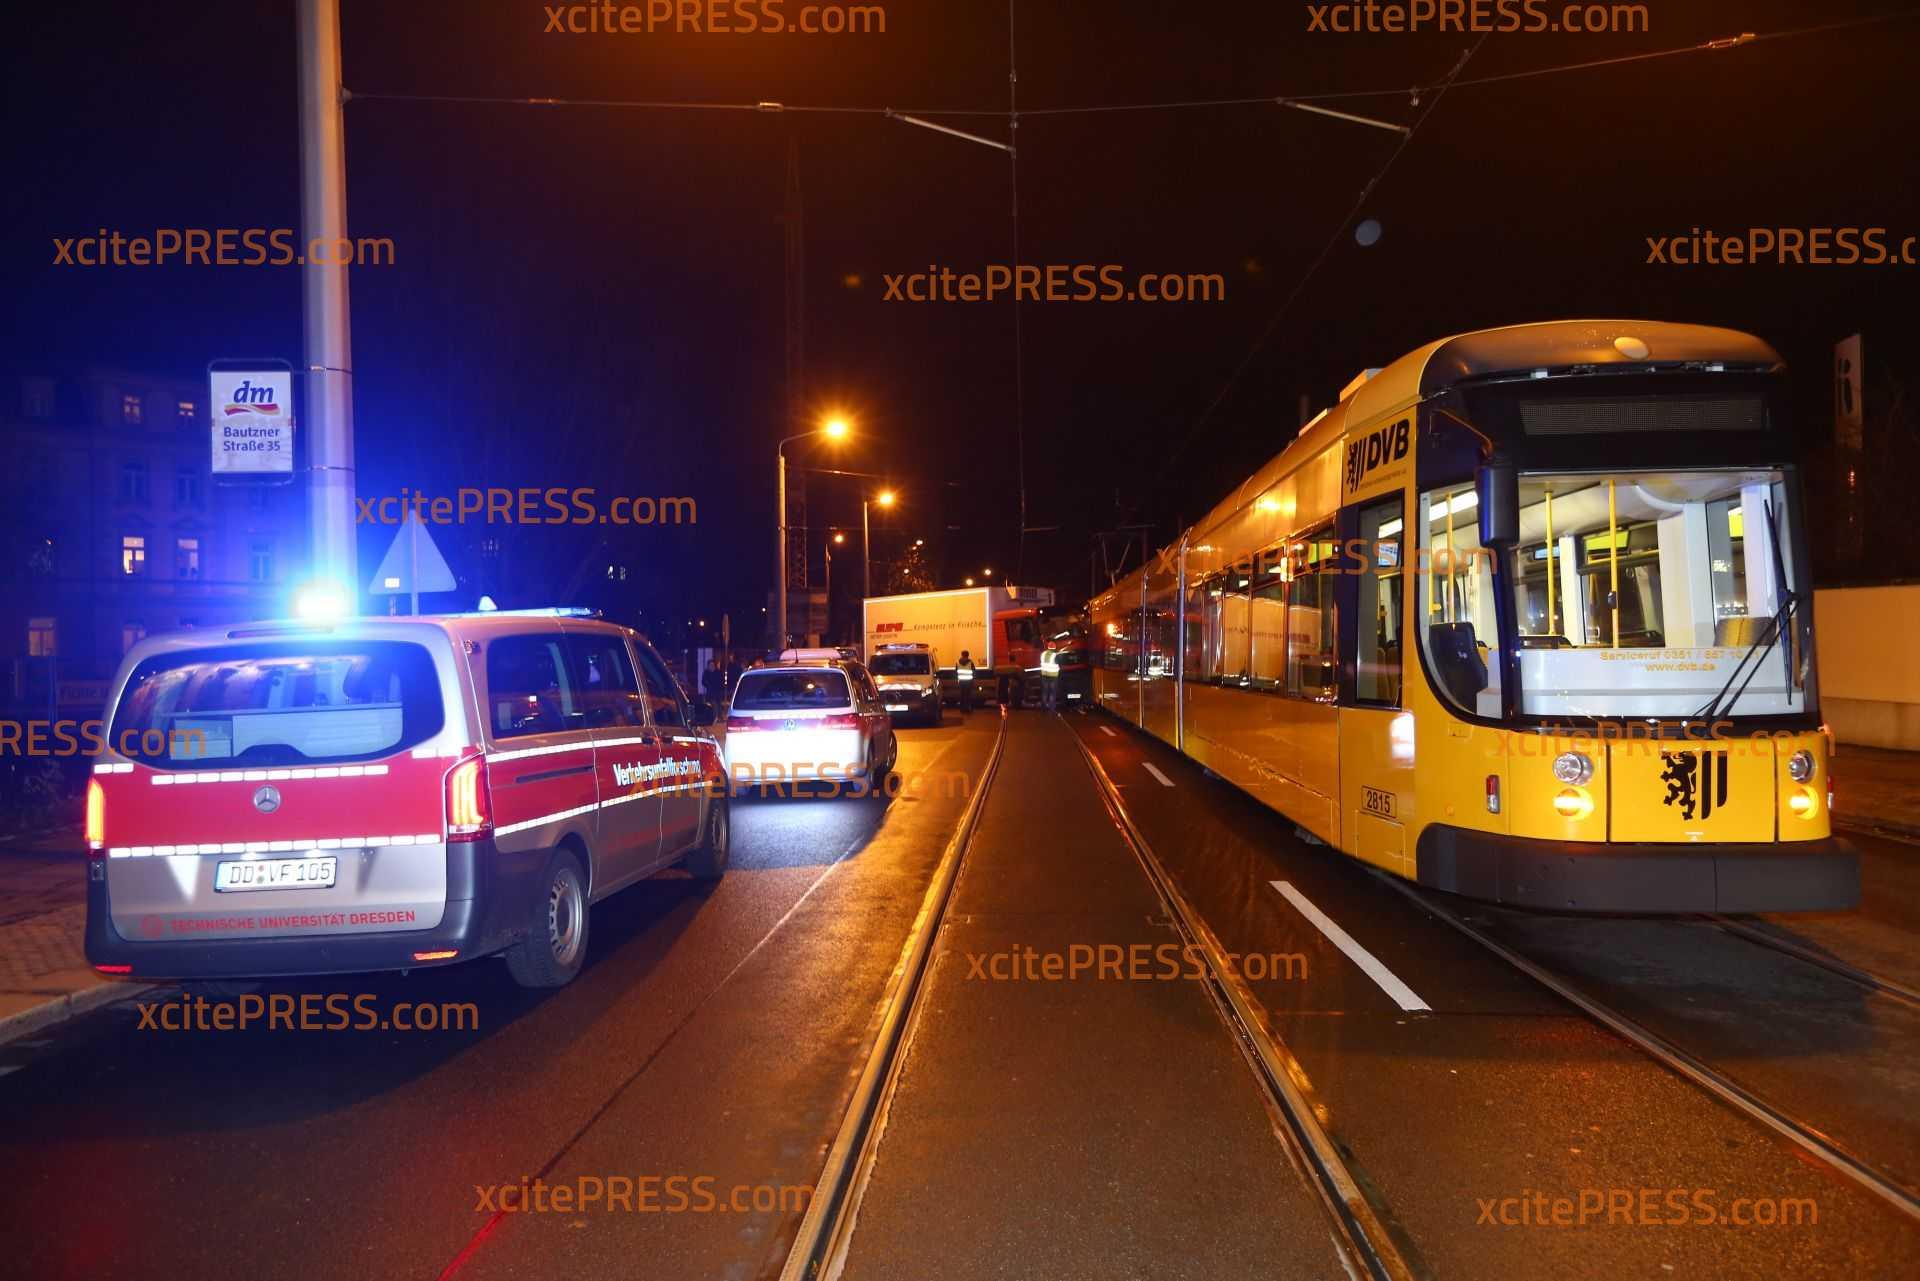 LKW kracht in Tram: Glücklicherweise nur eine Person verletzt: Führerhaus komplett demoliert - Mehr als 100.000 Euro Sachschaden